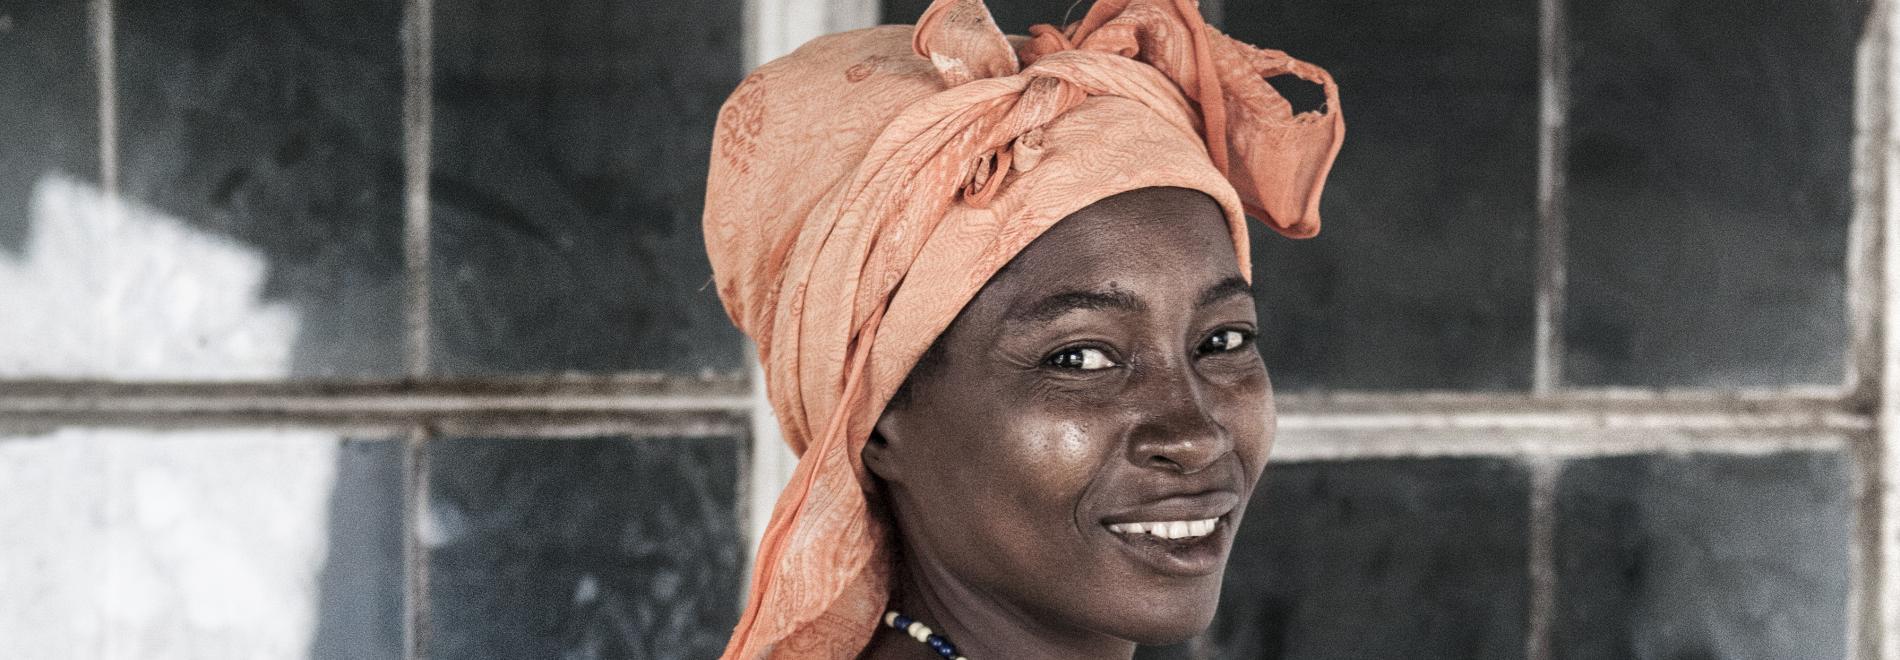 Mutter und Kind in Sierra Leone. Foto: Masja Stolk